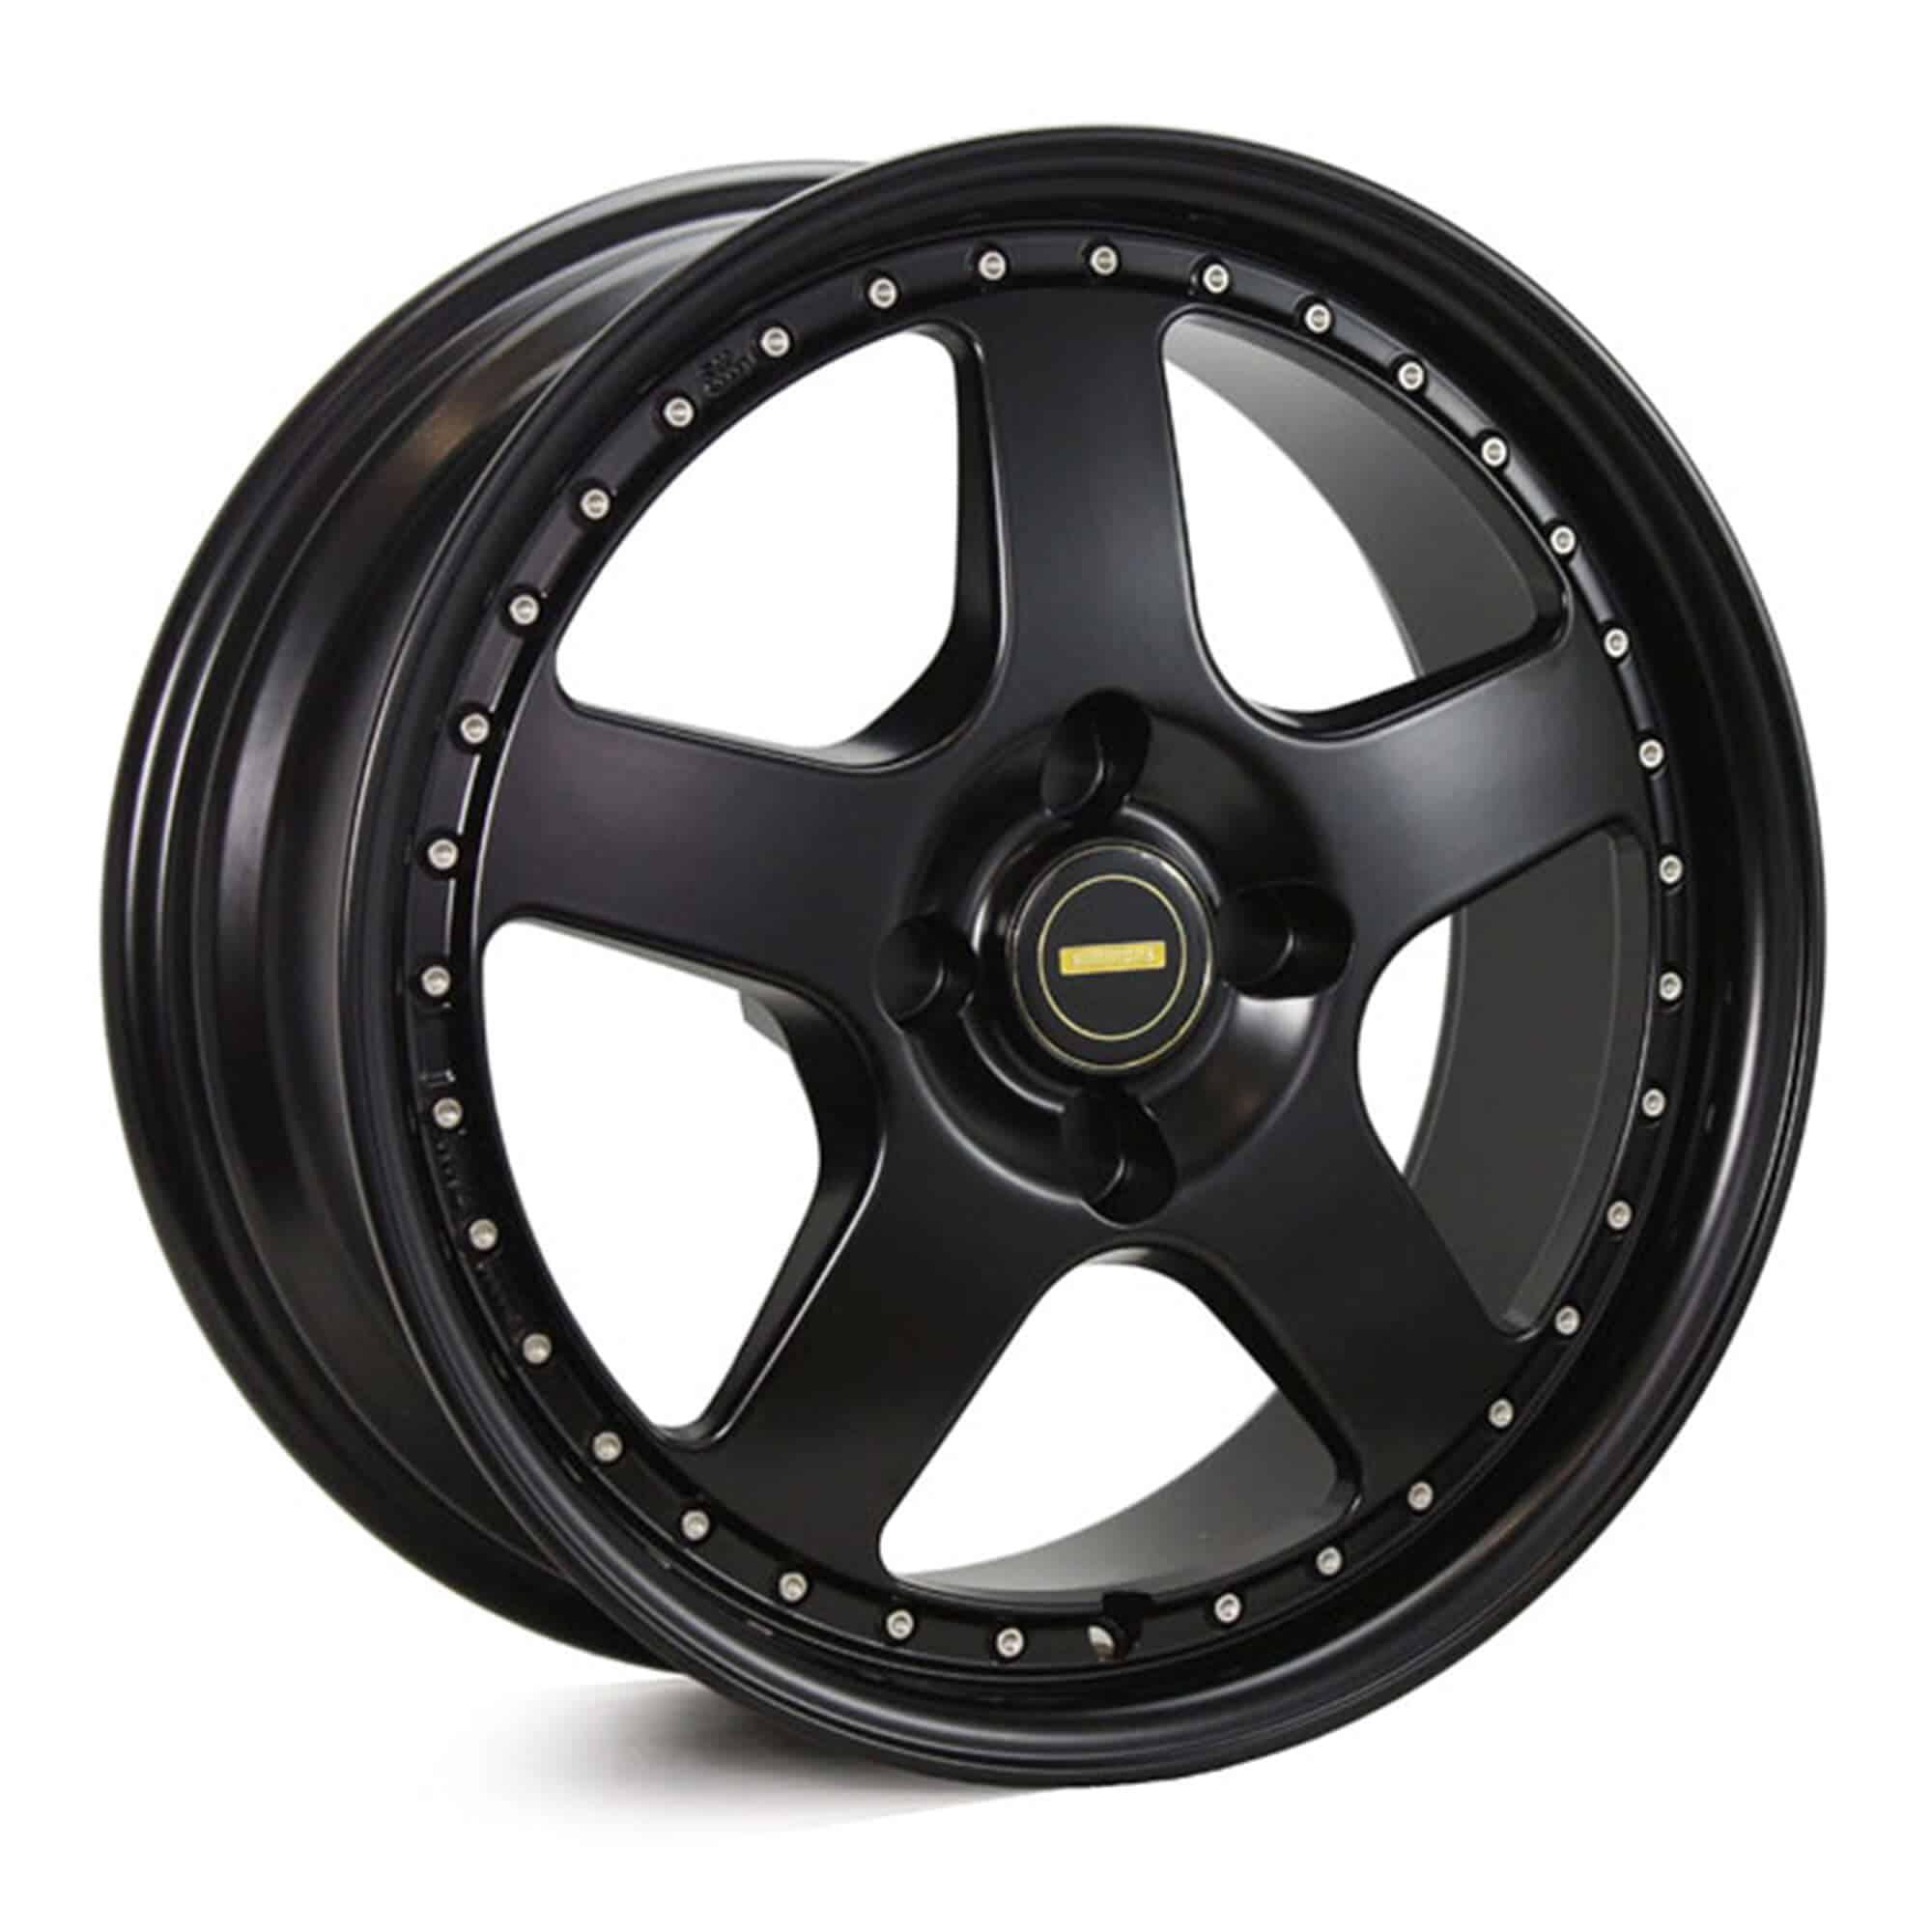 Fr1 Wheels